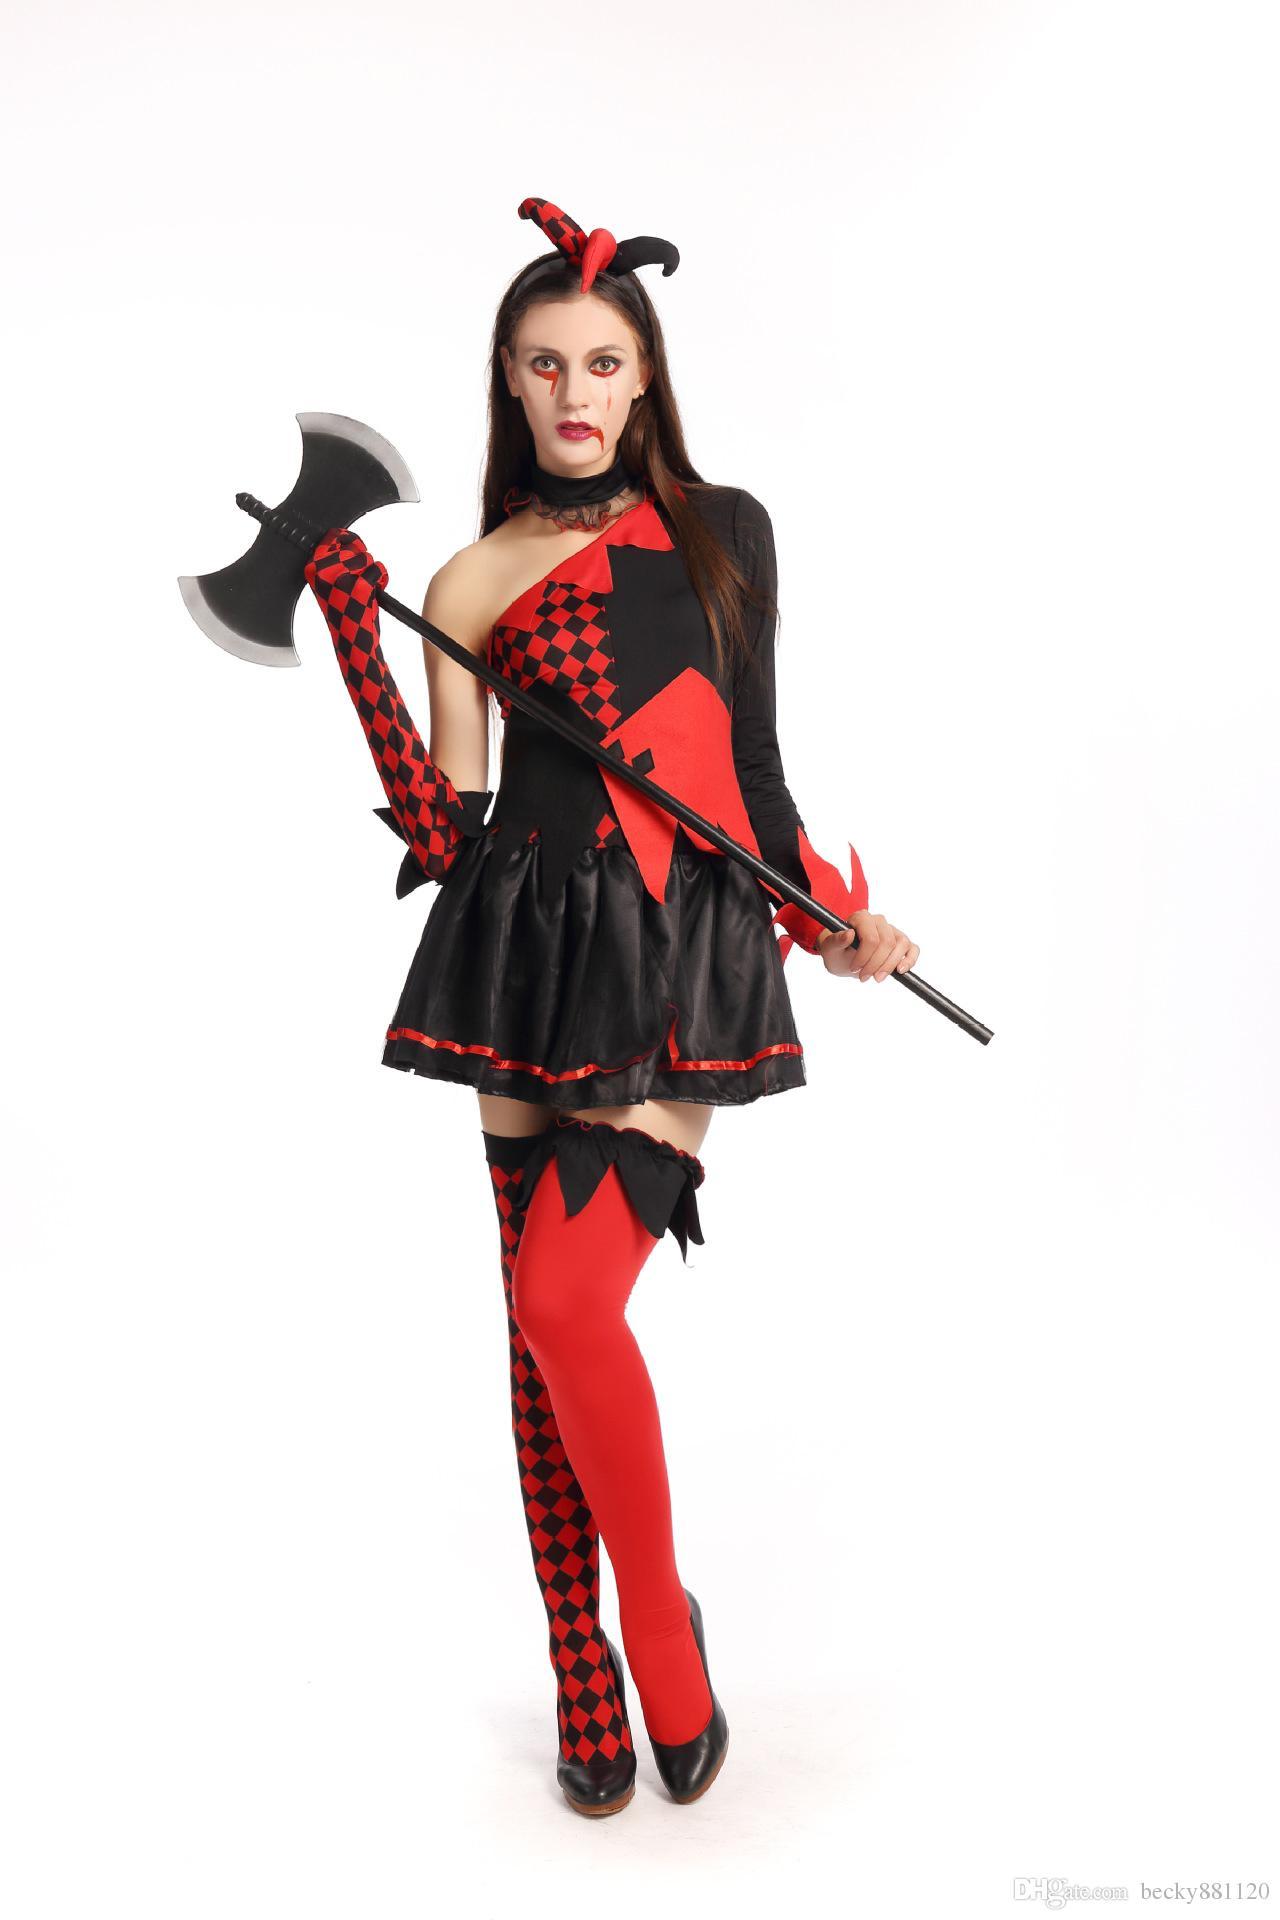 Spedizione gratuita halloween strega costume cosplay vampire cadavere sposa vestiti sexy regina prestazione uniforme le donne all'ingrosso